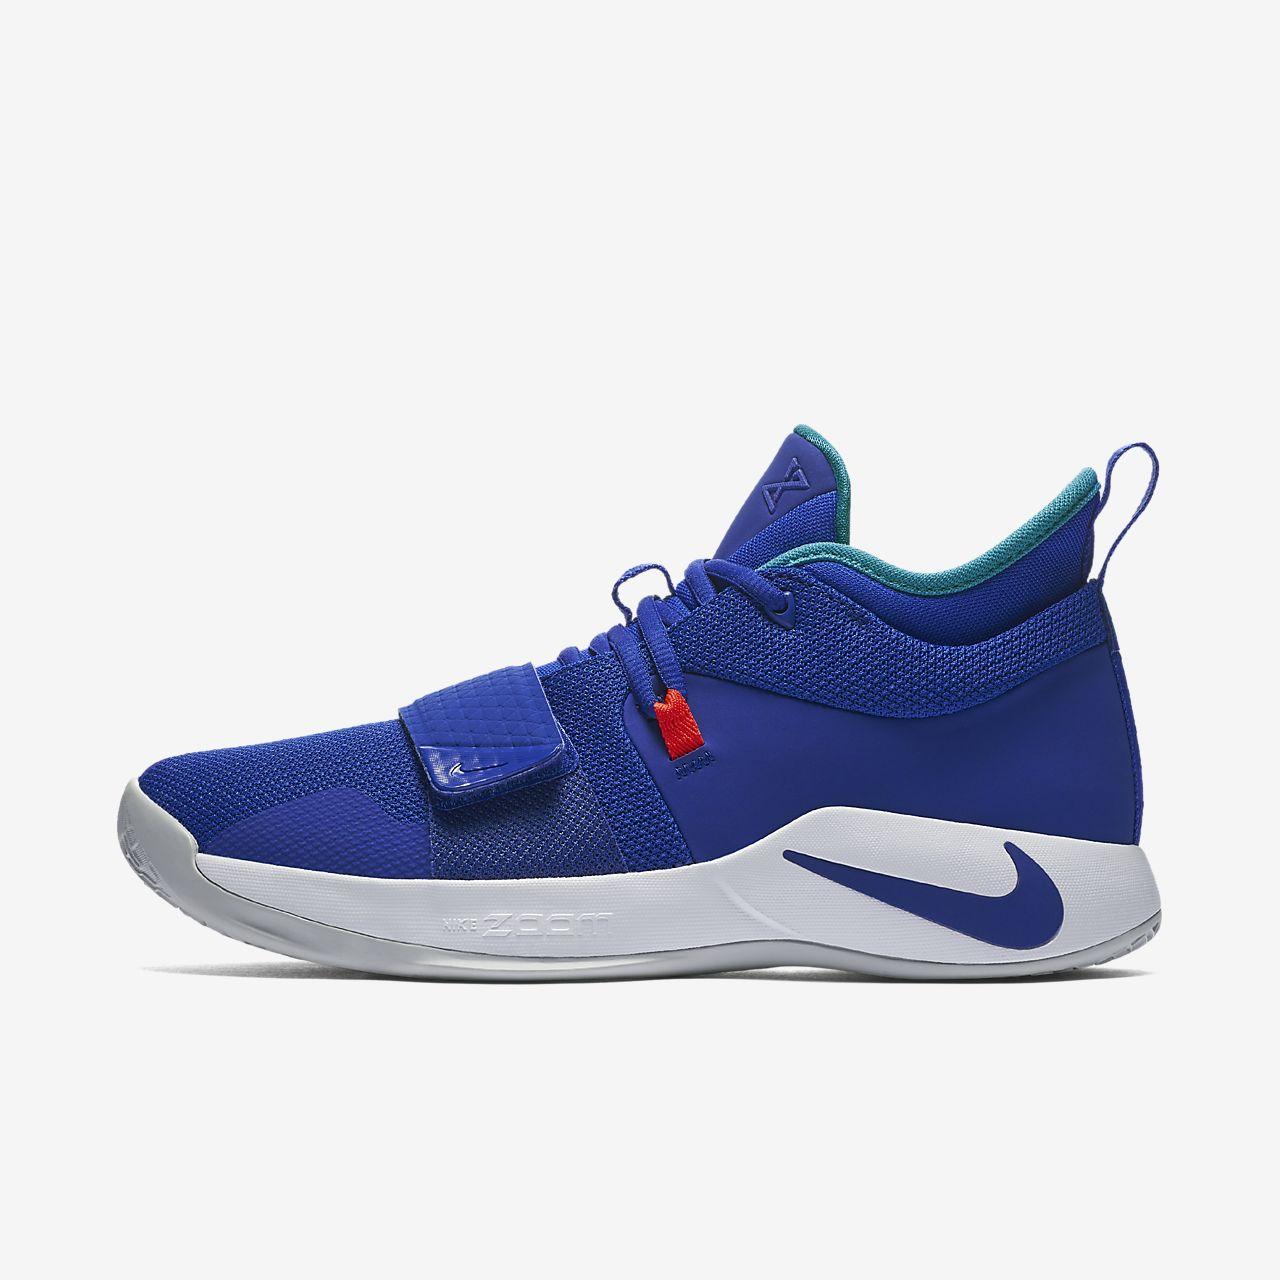 PG 2.5 Basketball Shoe